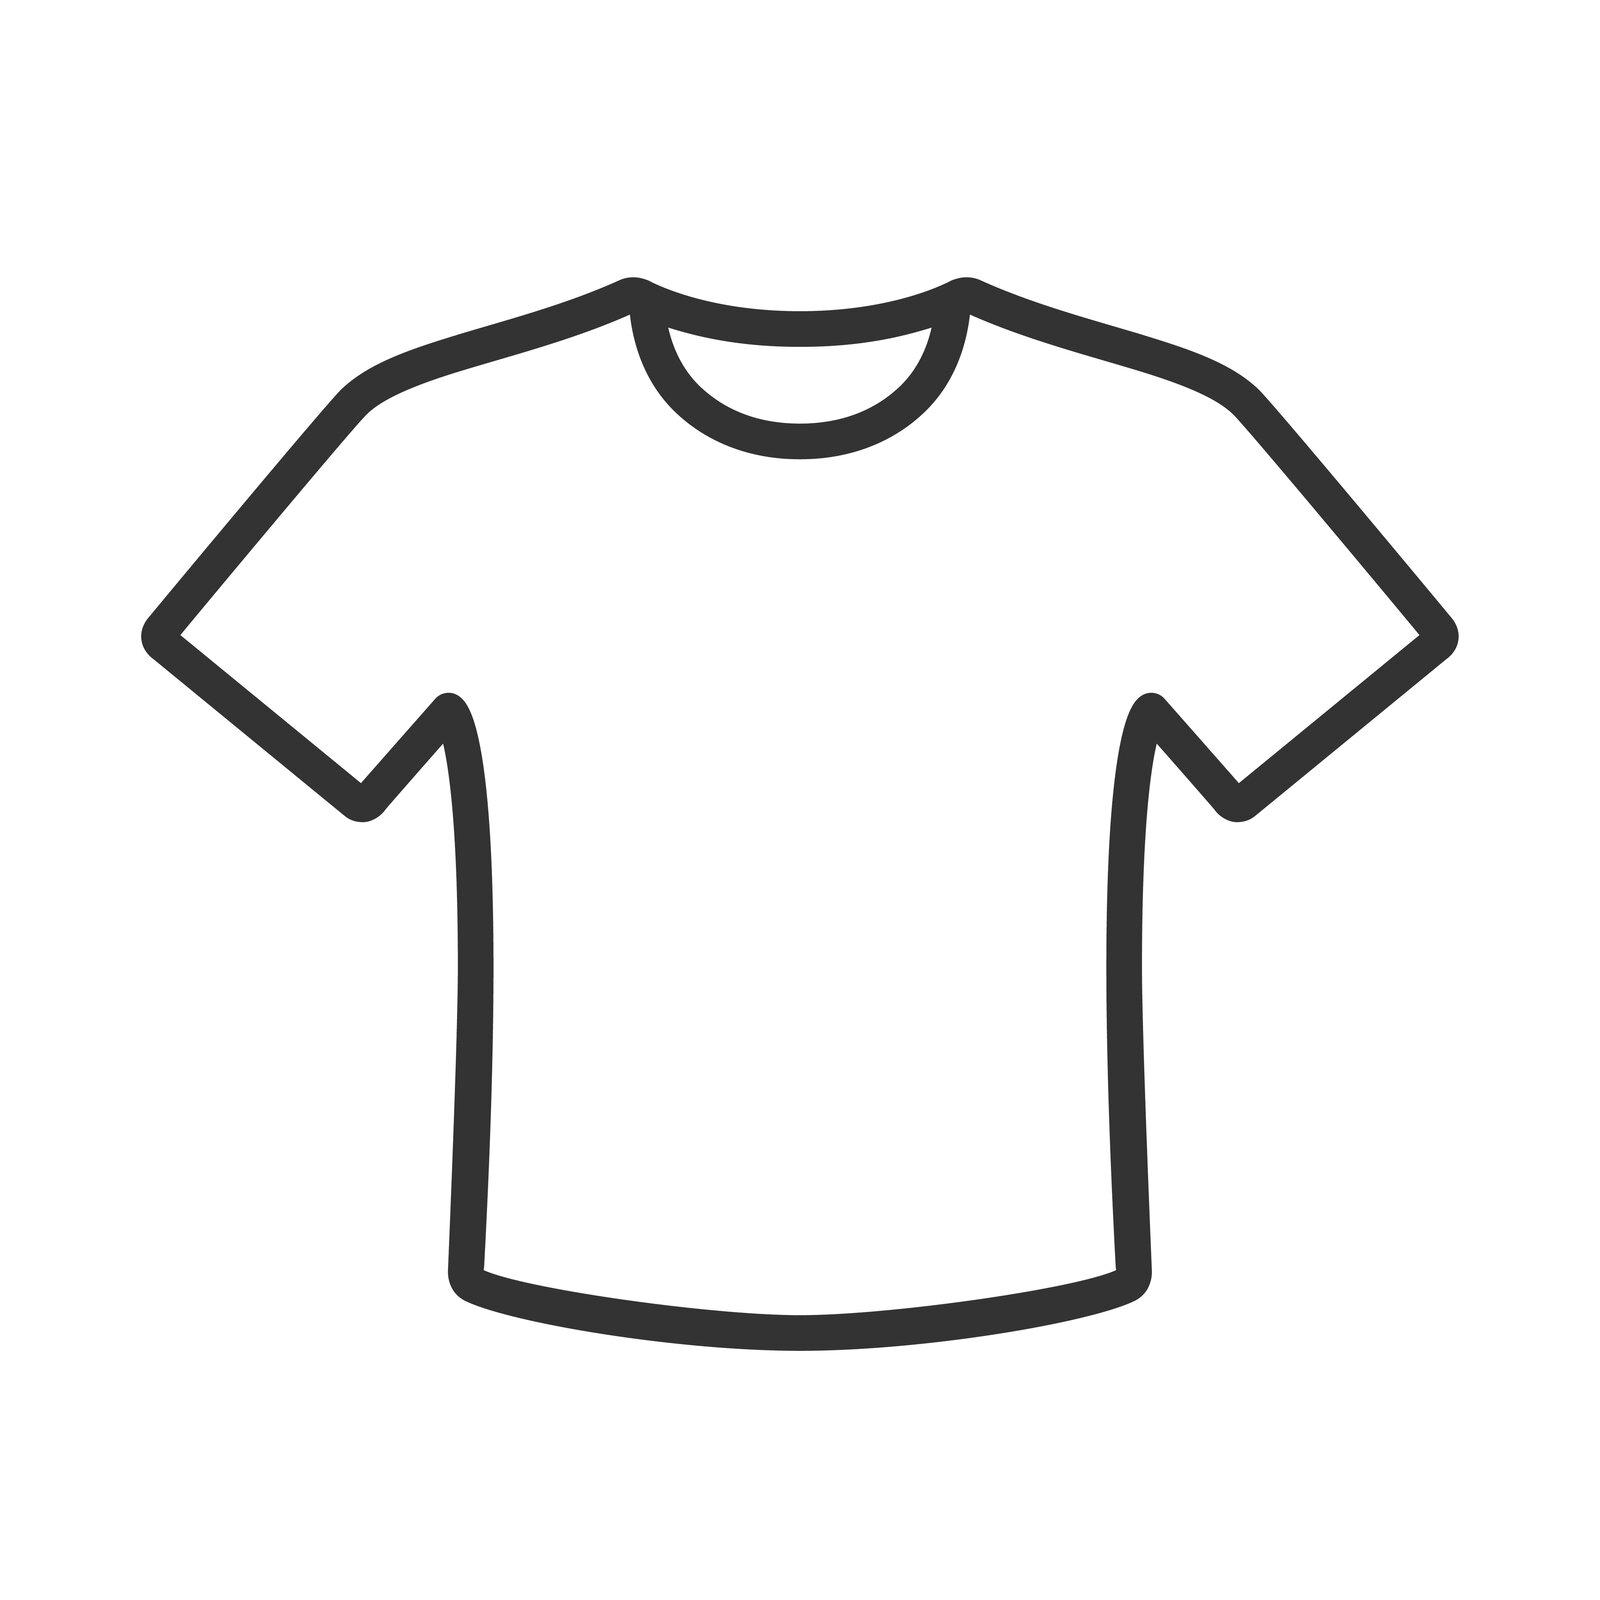 Zdjęcie przedstawia kontur koszulki zkrótkim rękawem.